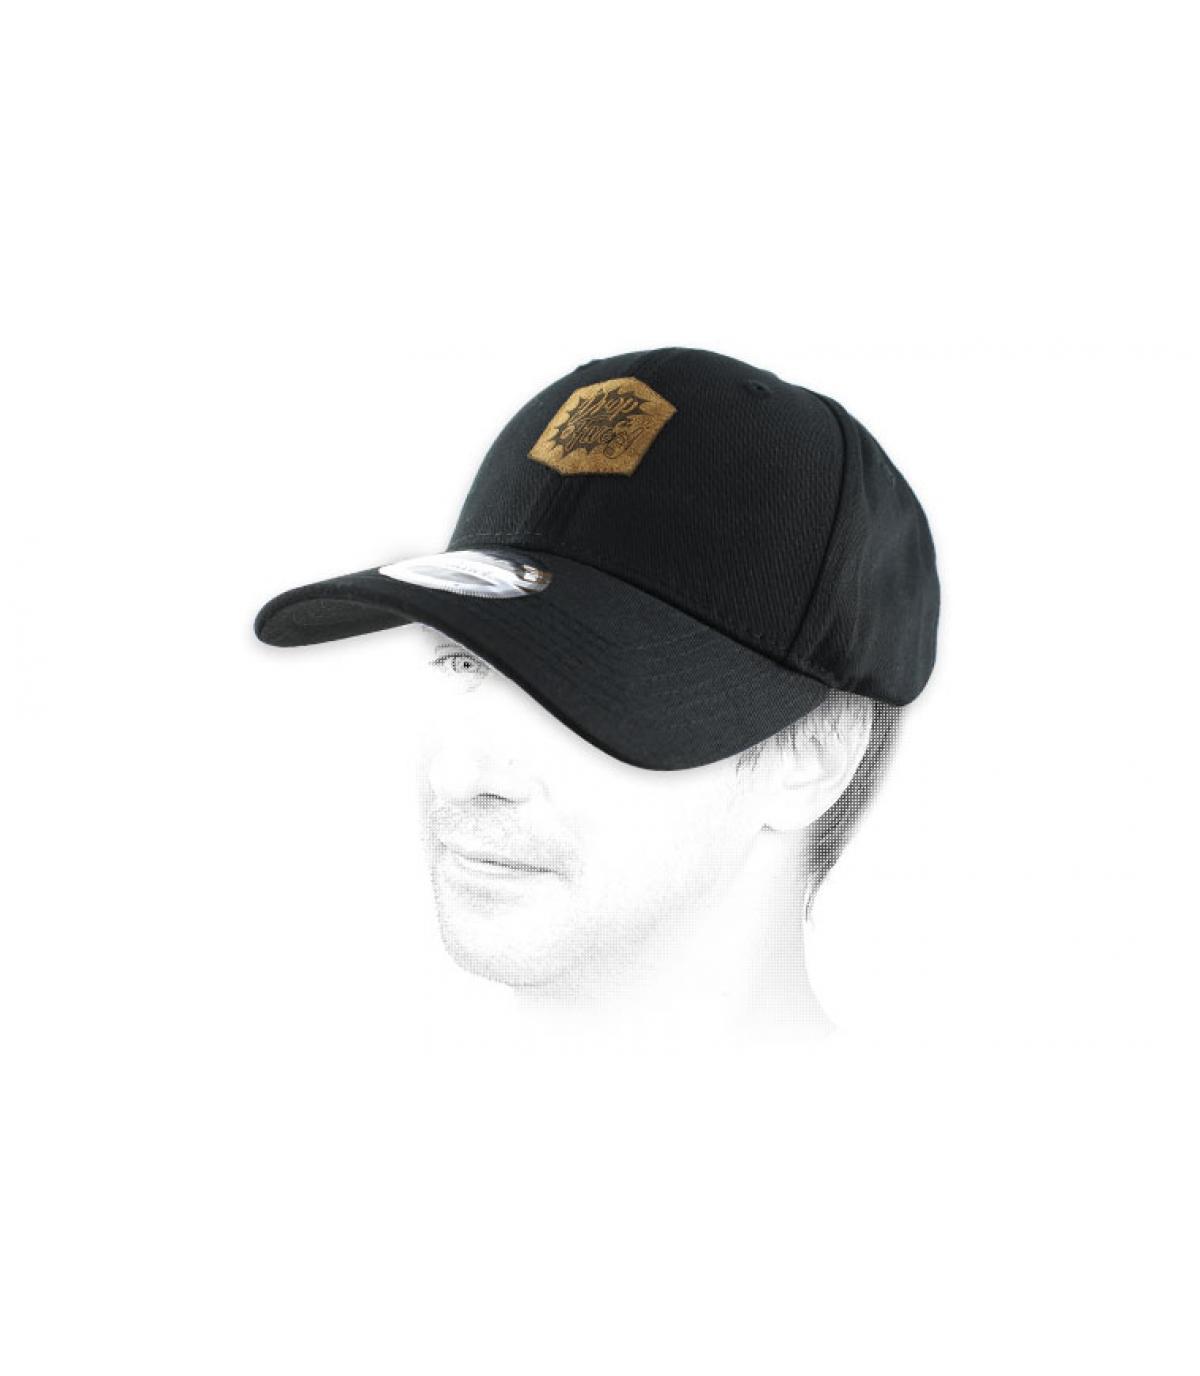 Goccia berretto nero in 5